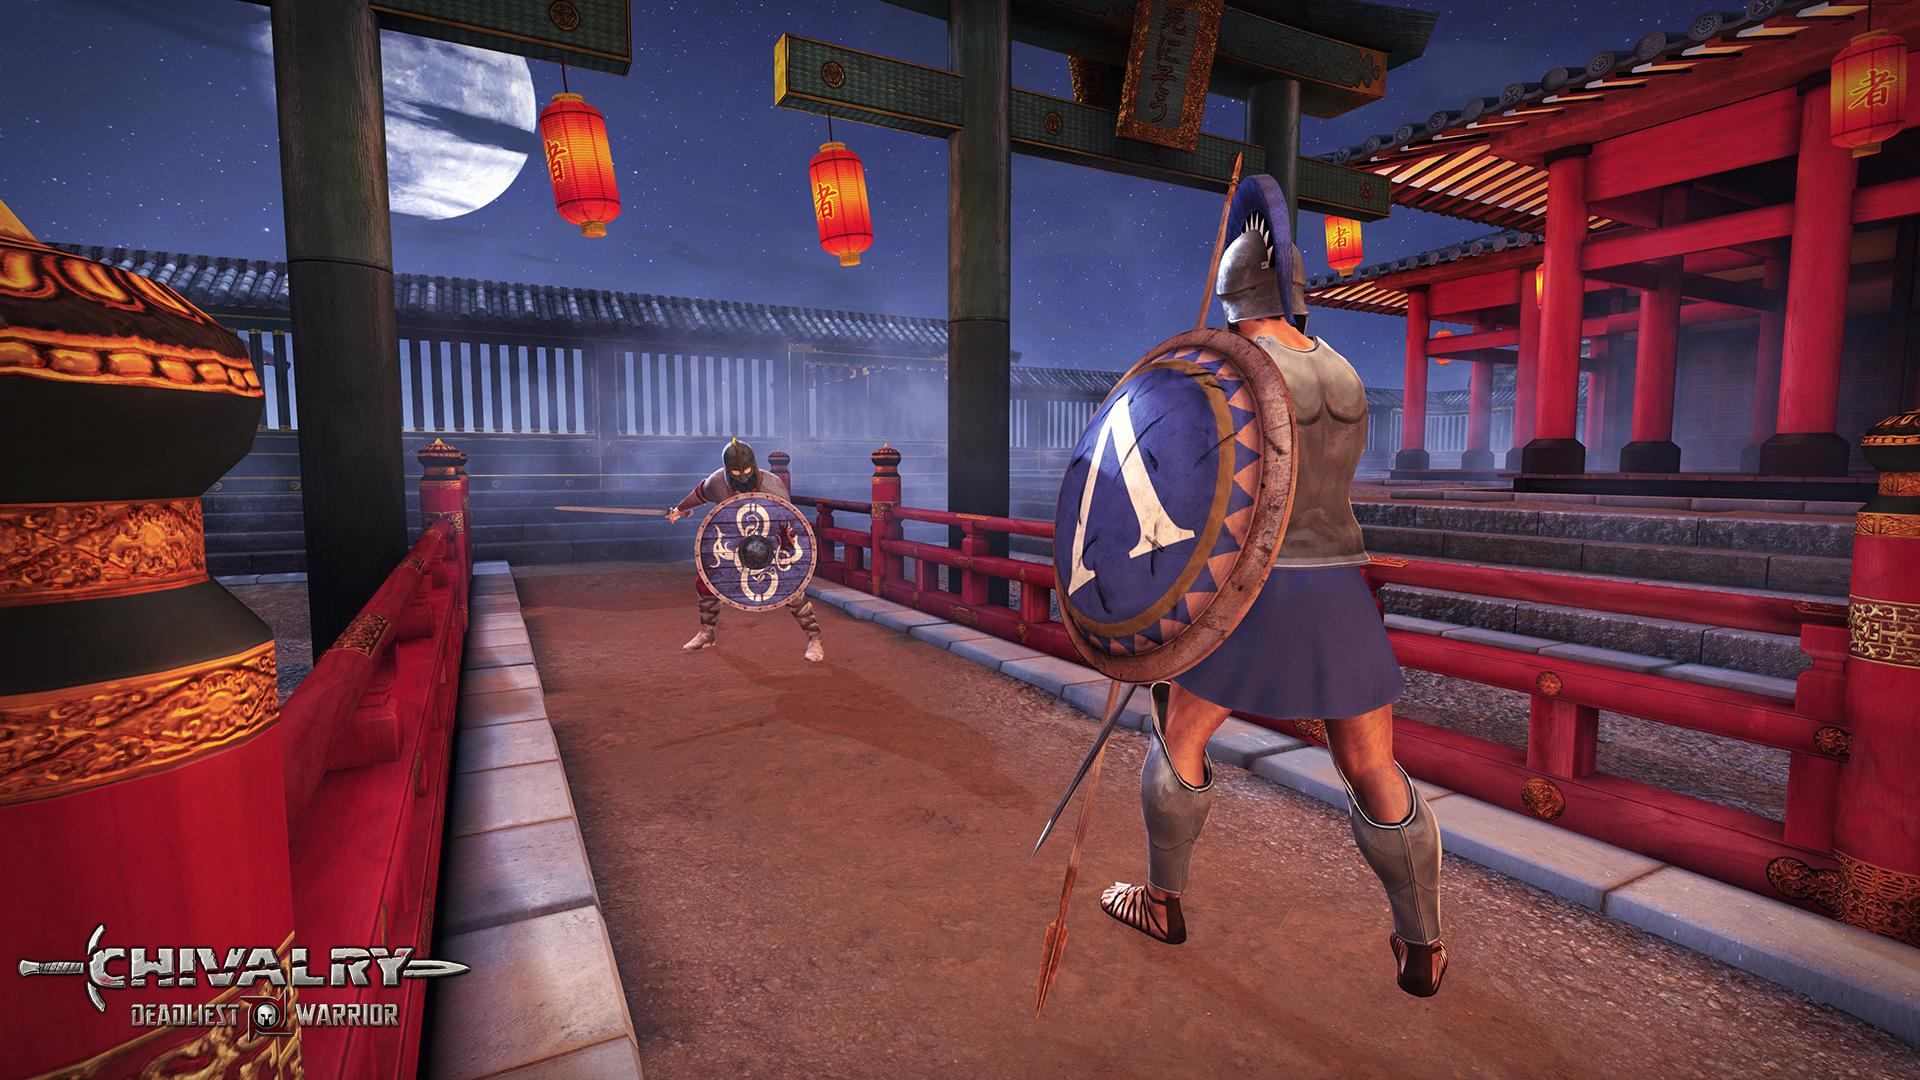 Deadliest Warrior: The Game - GameSpot